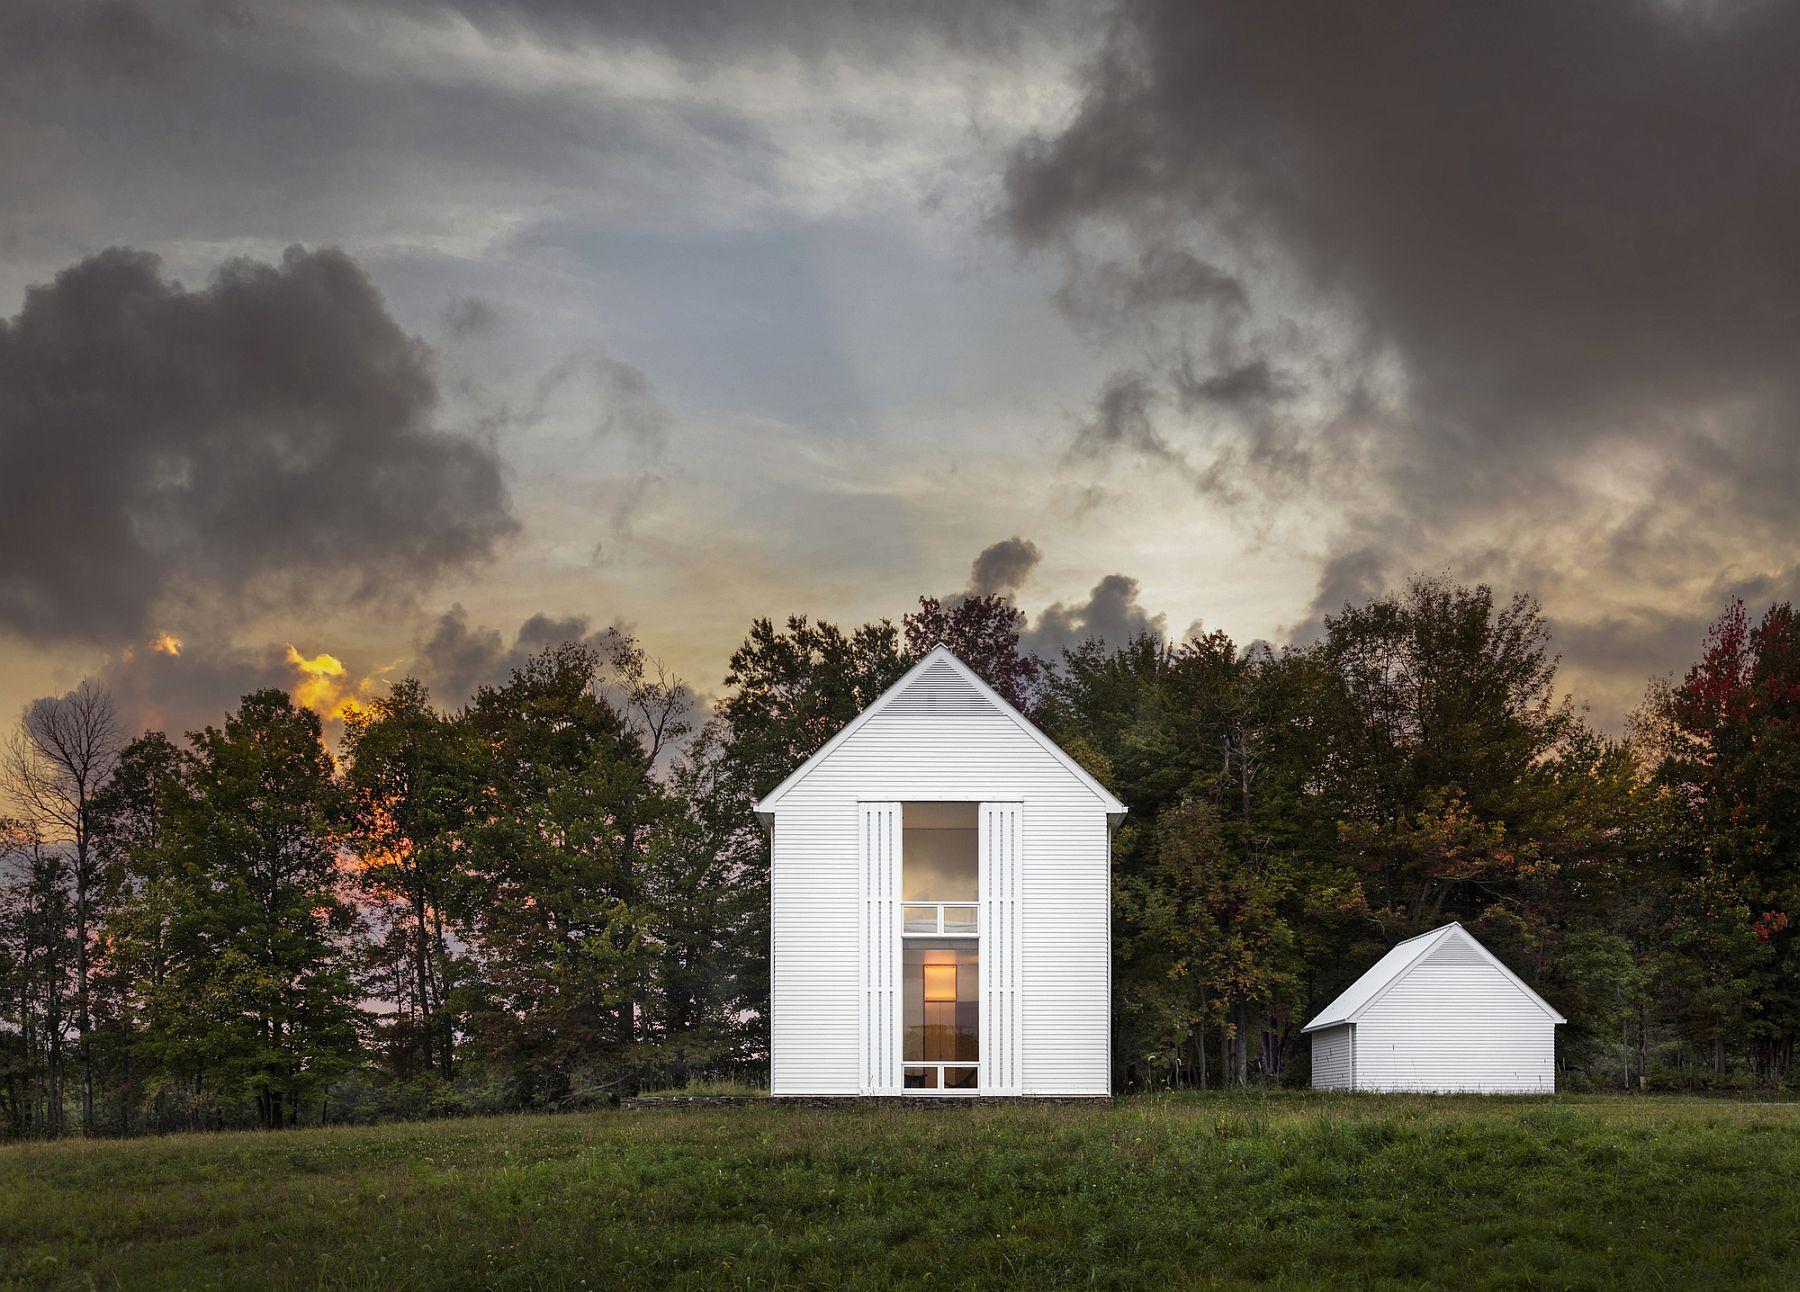 Picture-perfect Pennsylvania Farmhouse set in a scenic backdrop